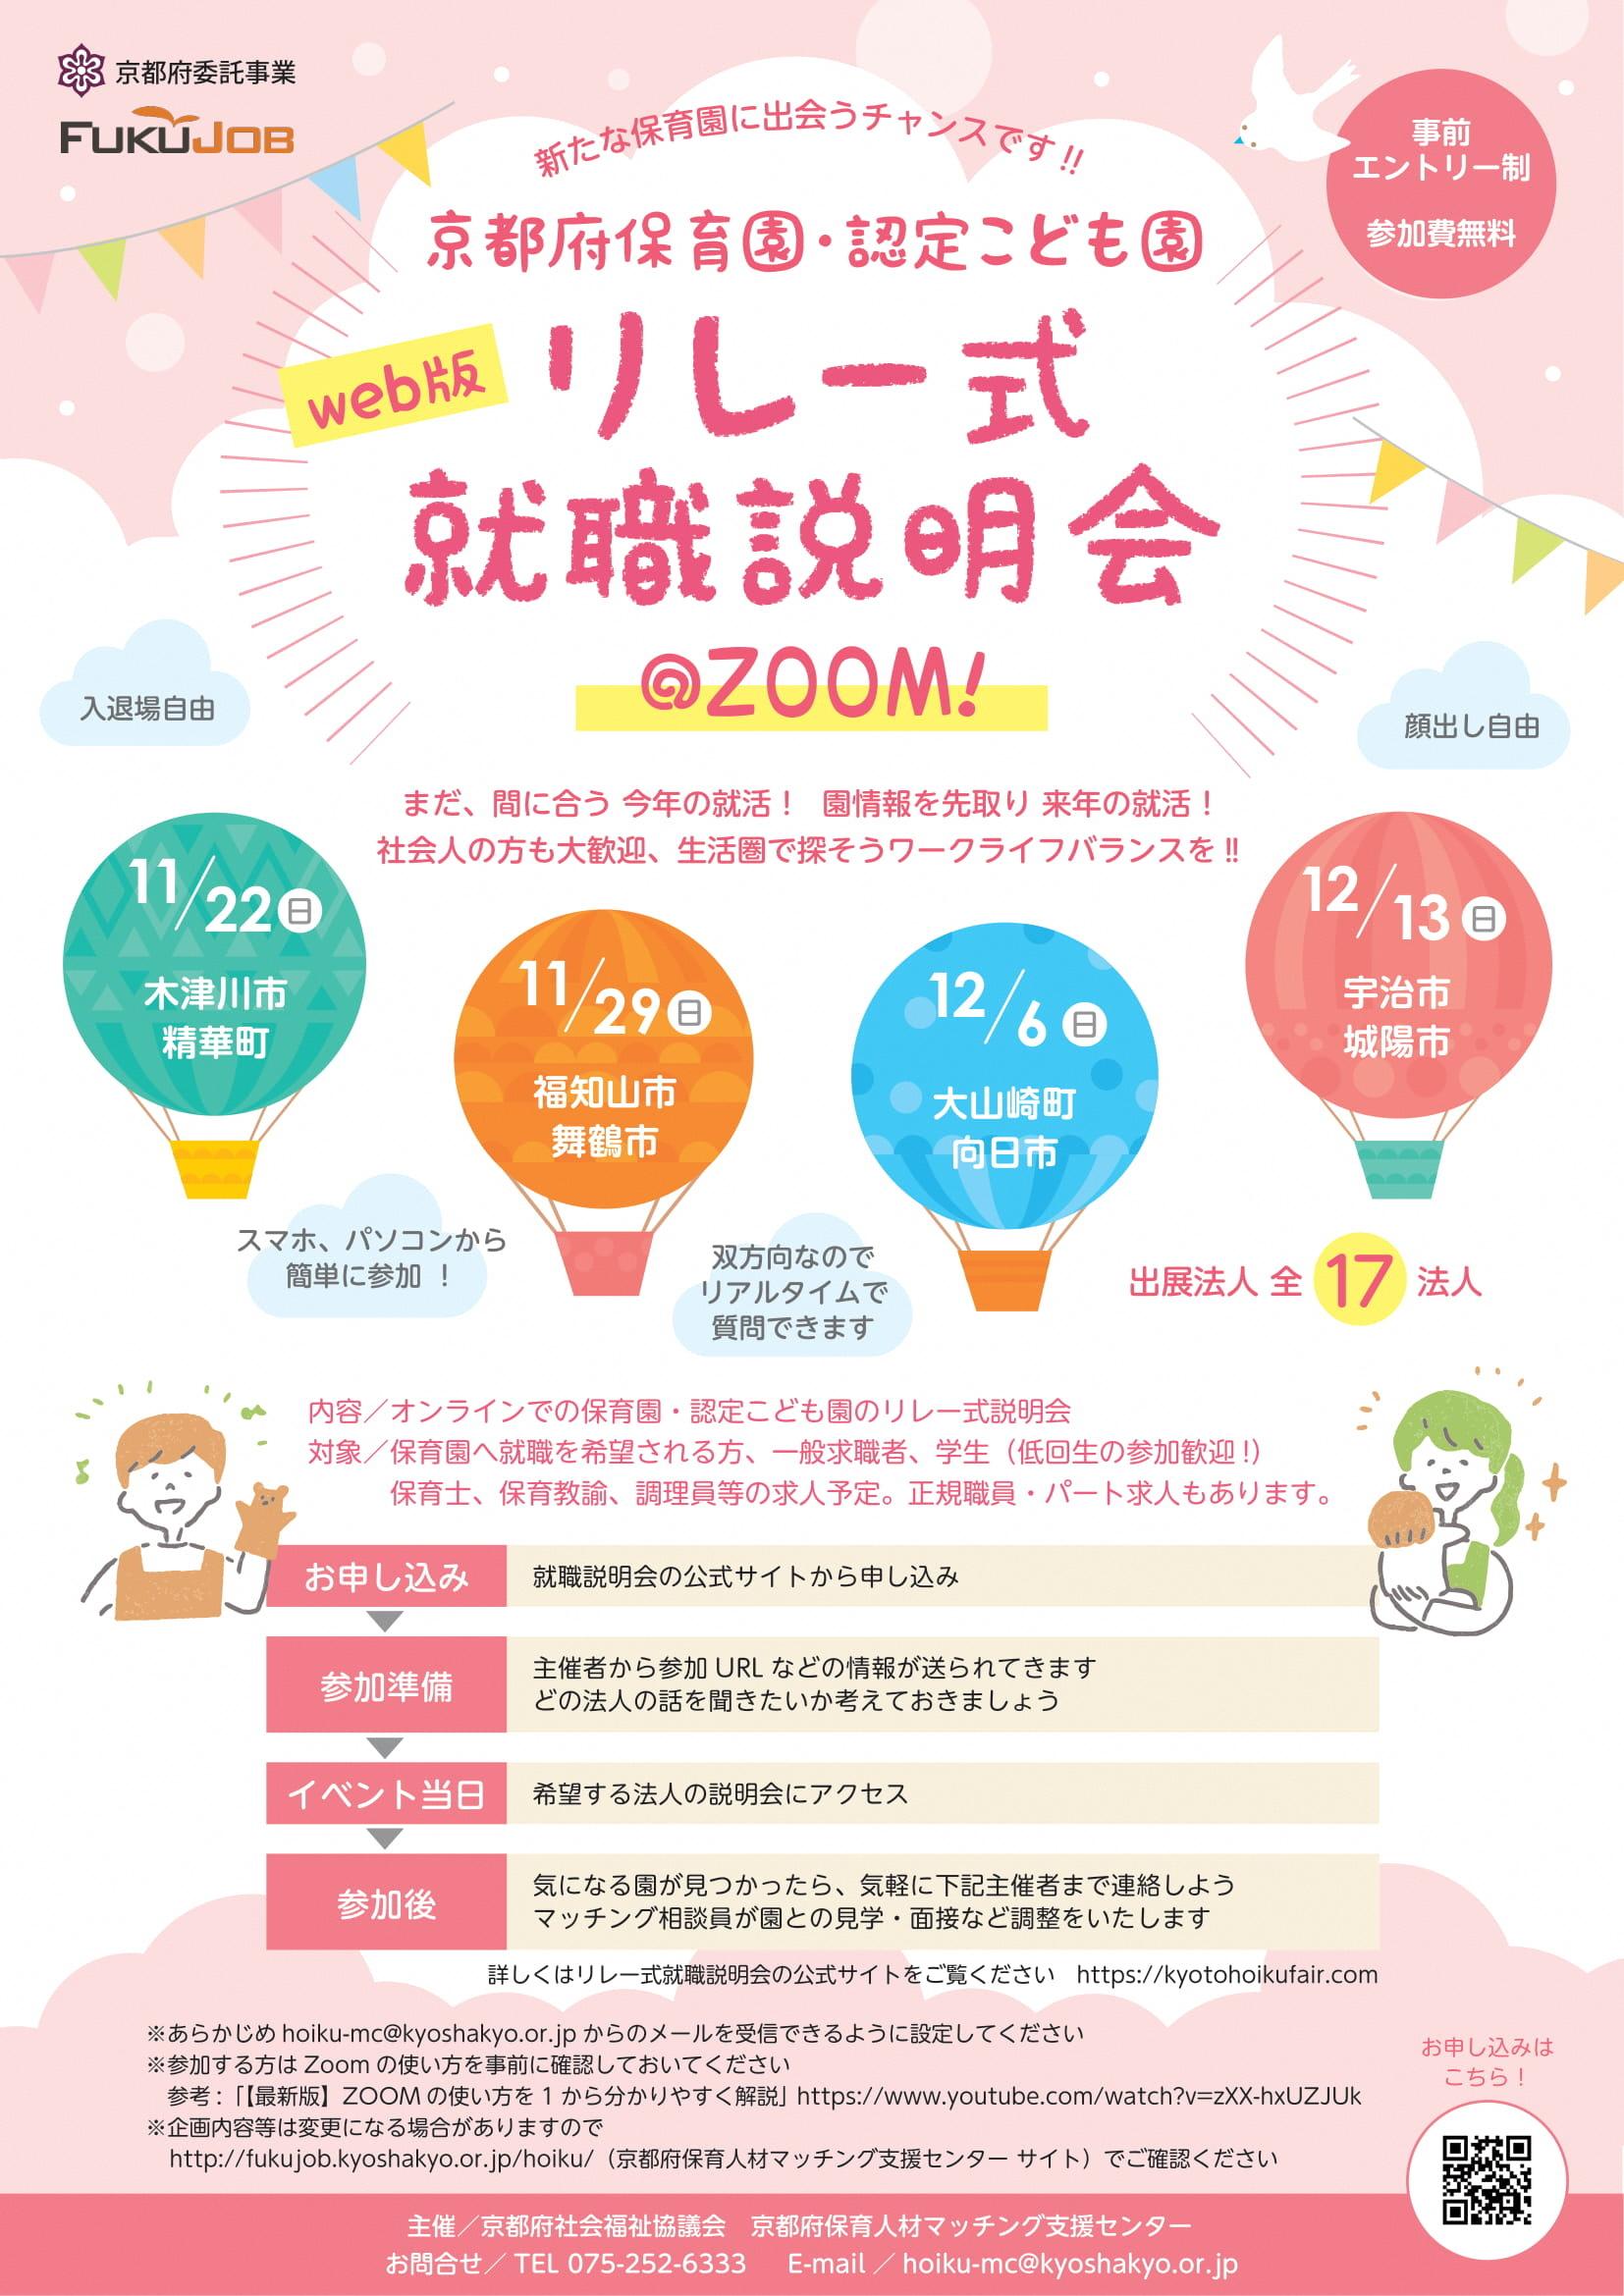 【2020年11月〜12月開催】京都府保育園・認定こども園Web版リレー式就職説明会